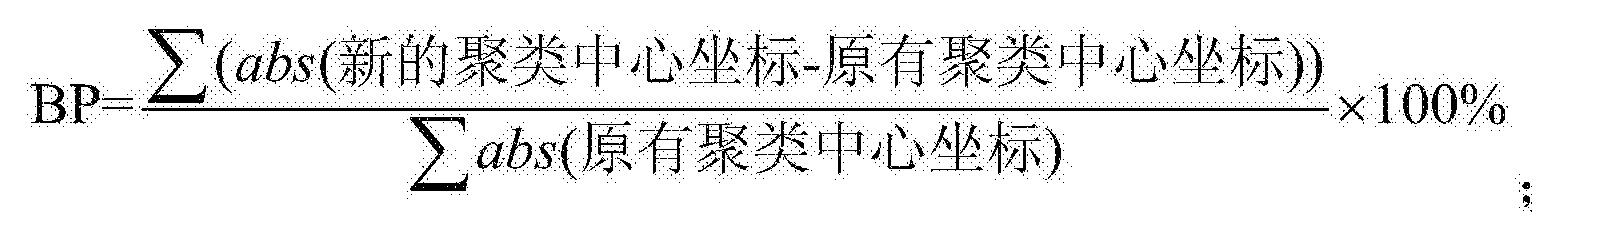 Figure CN103713217BD00052